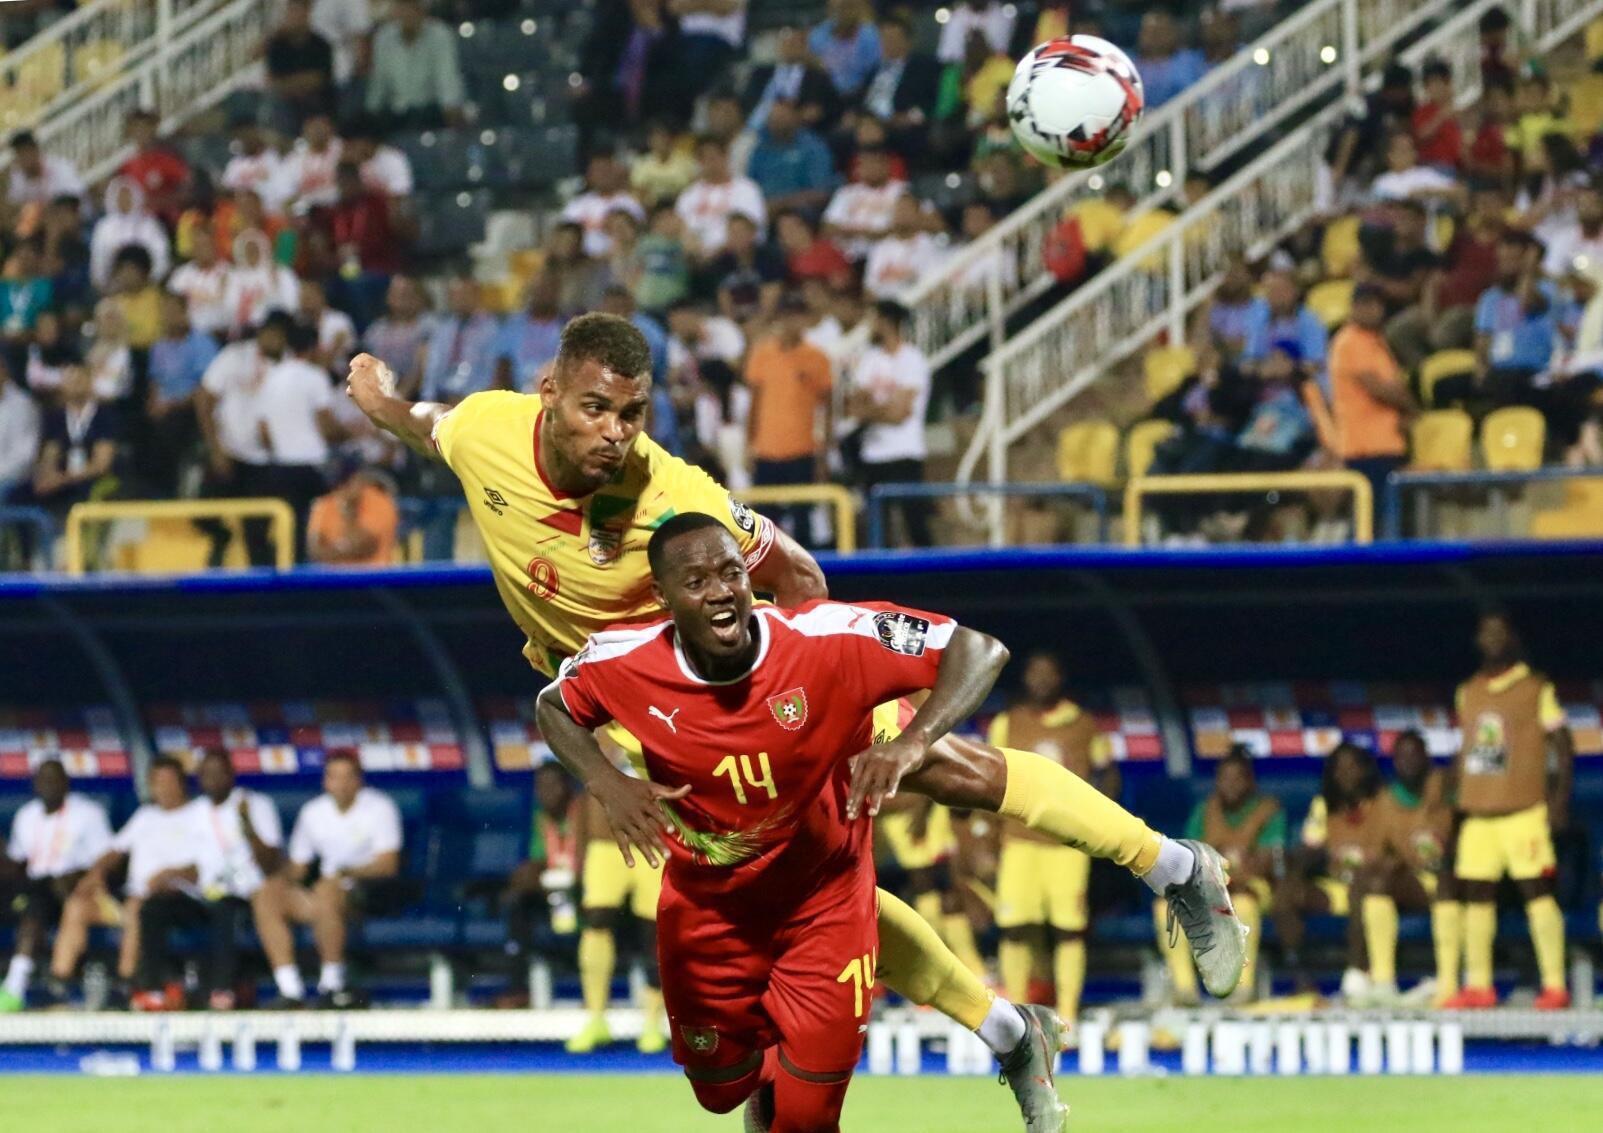 O defesa guineense Juary Soares pressionado pelo avançado do Benim, Steve Mounié.